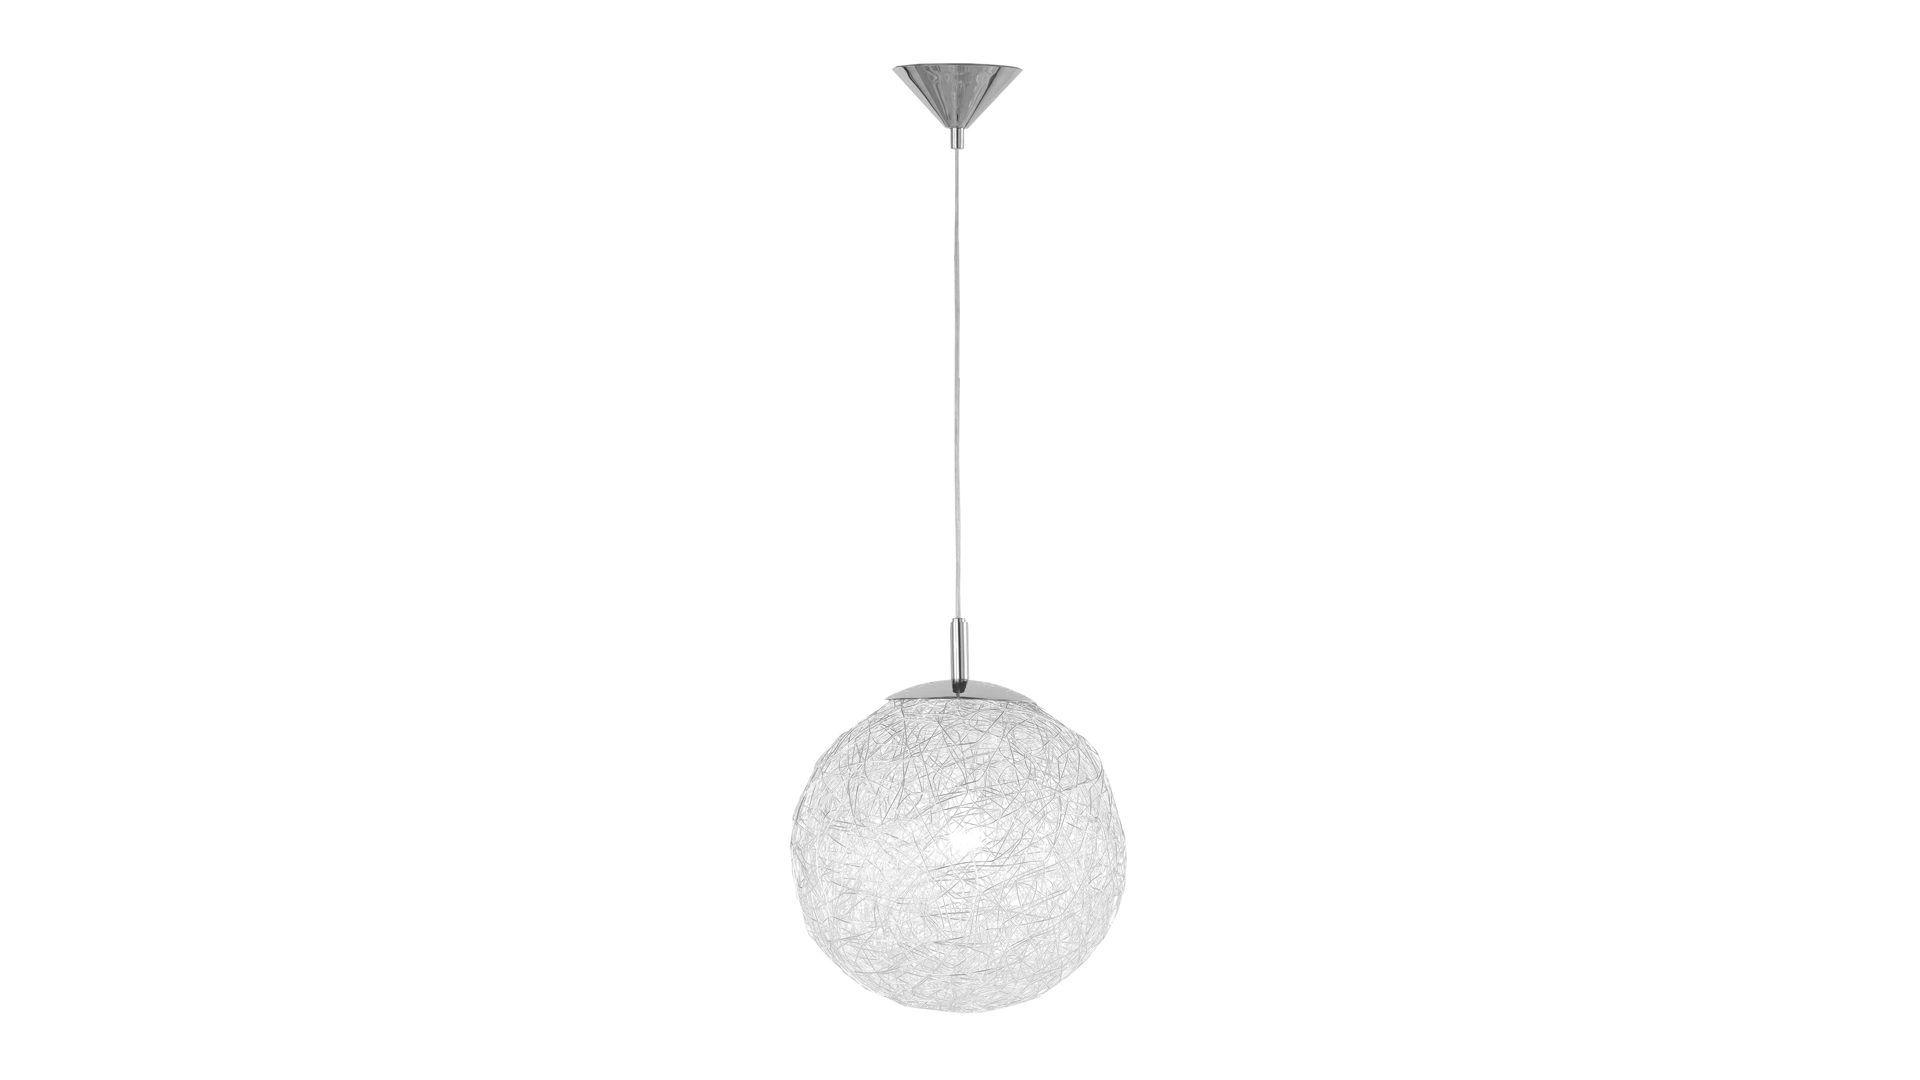 Drahtkugel Pendelleuchte Dakota Fur Ihre Wohnaccessoires Verchromter Lampenschirm Durchmesser Ca 30 Cm Lampenschirm Lampe Pendelleuchte